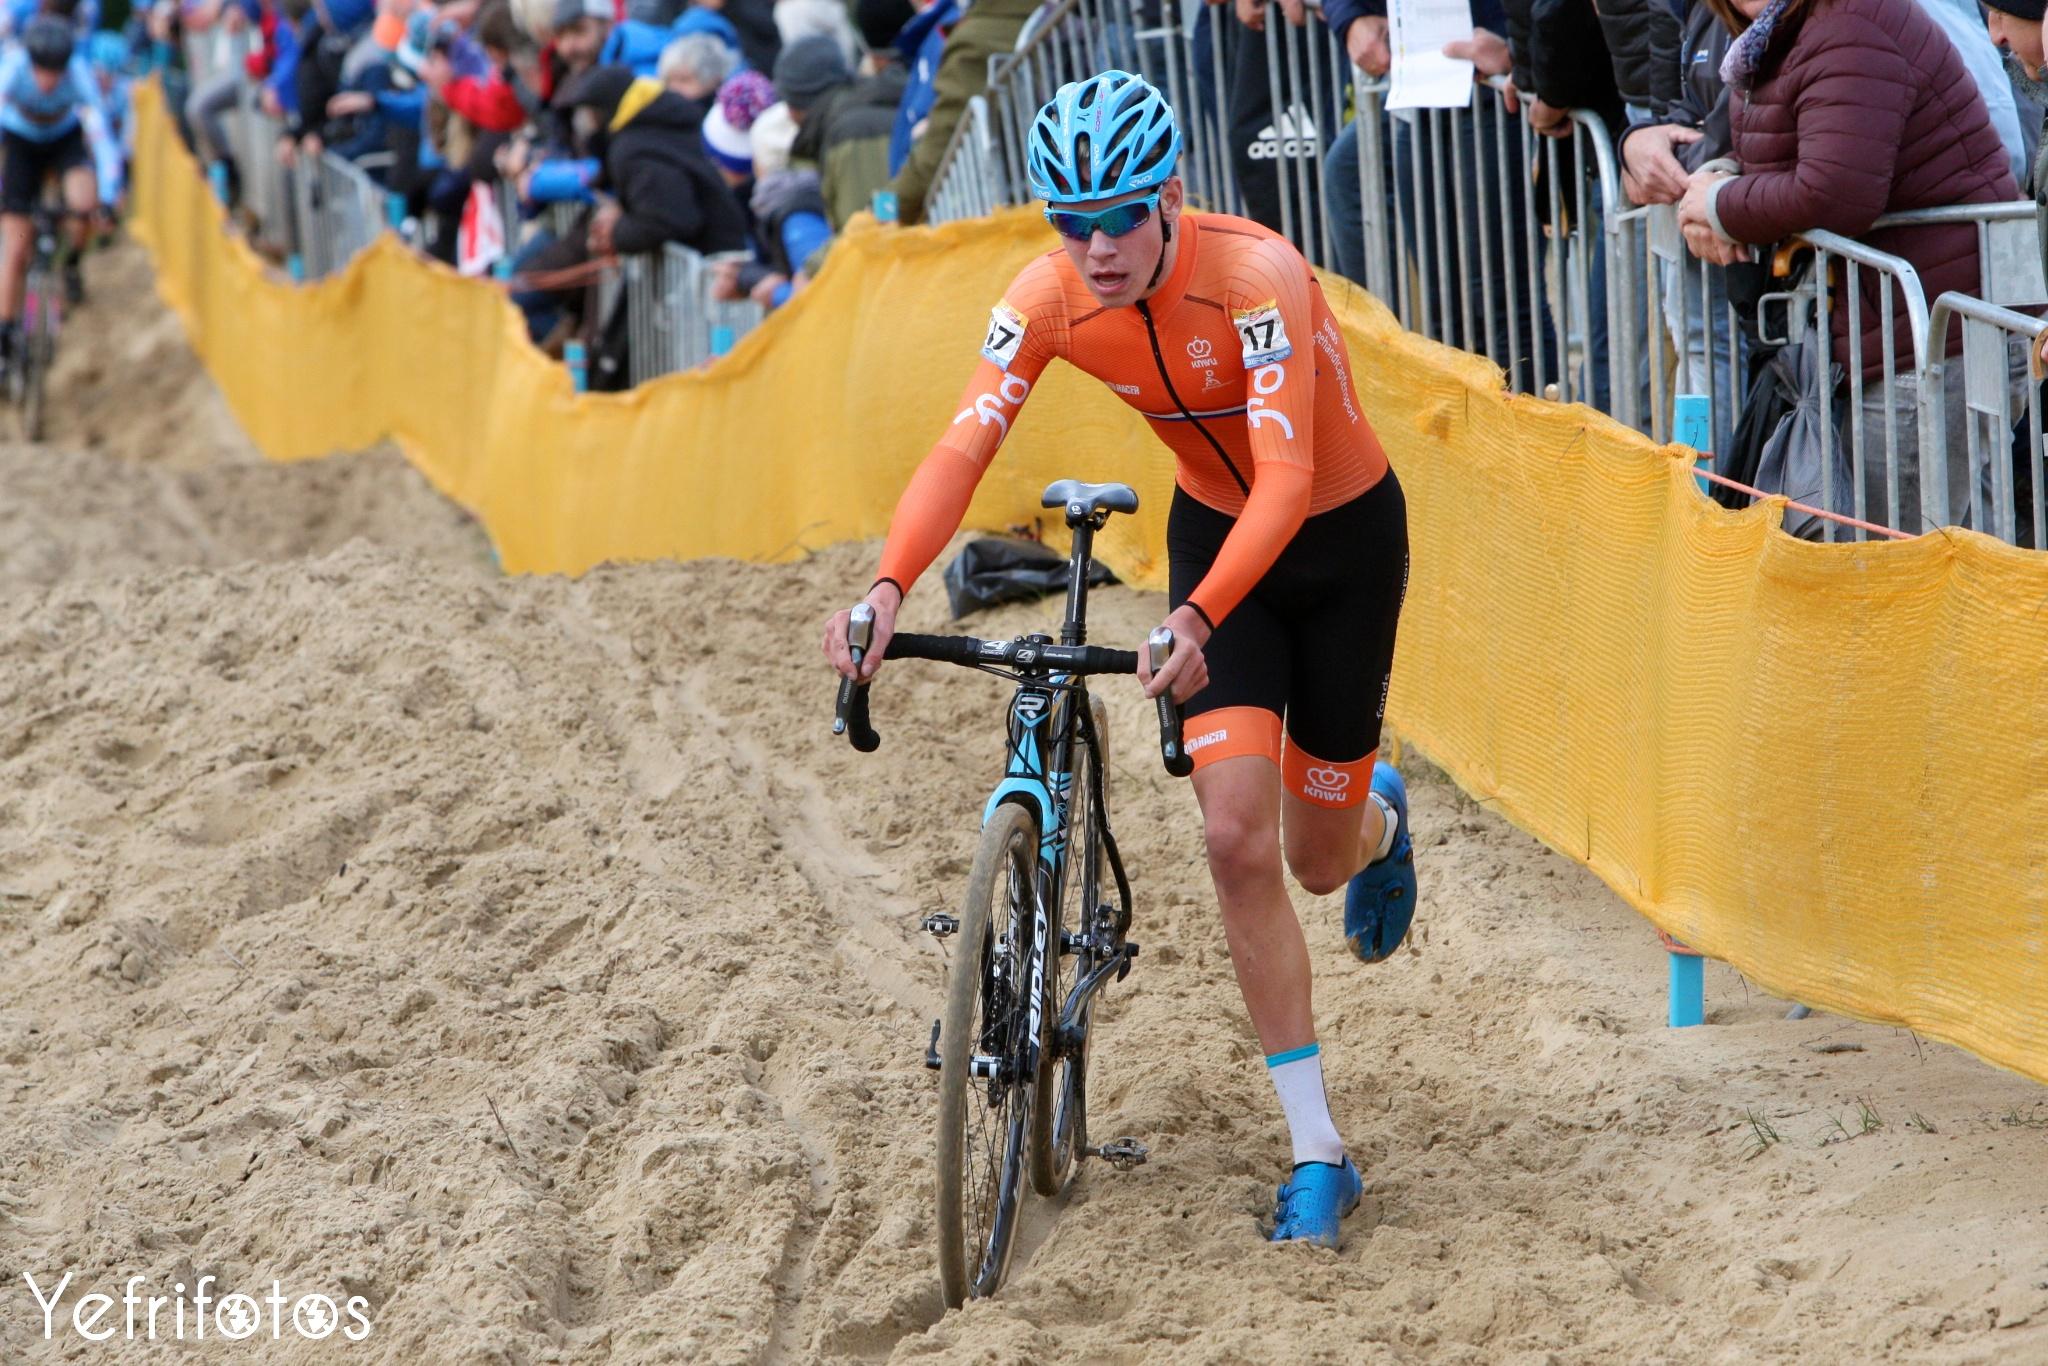 Koksijde - UCI Cyclocross World Cup - Pim Ronhaar